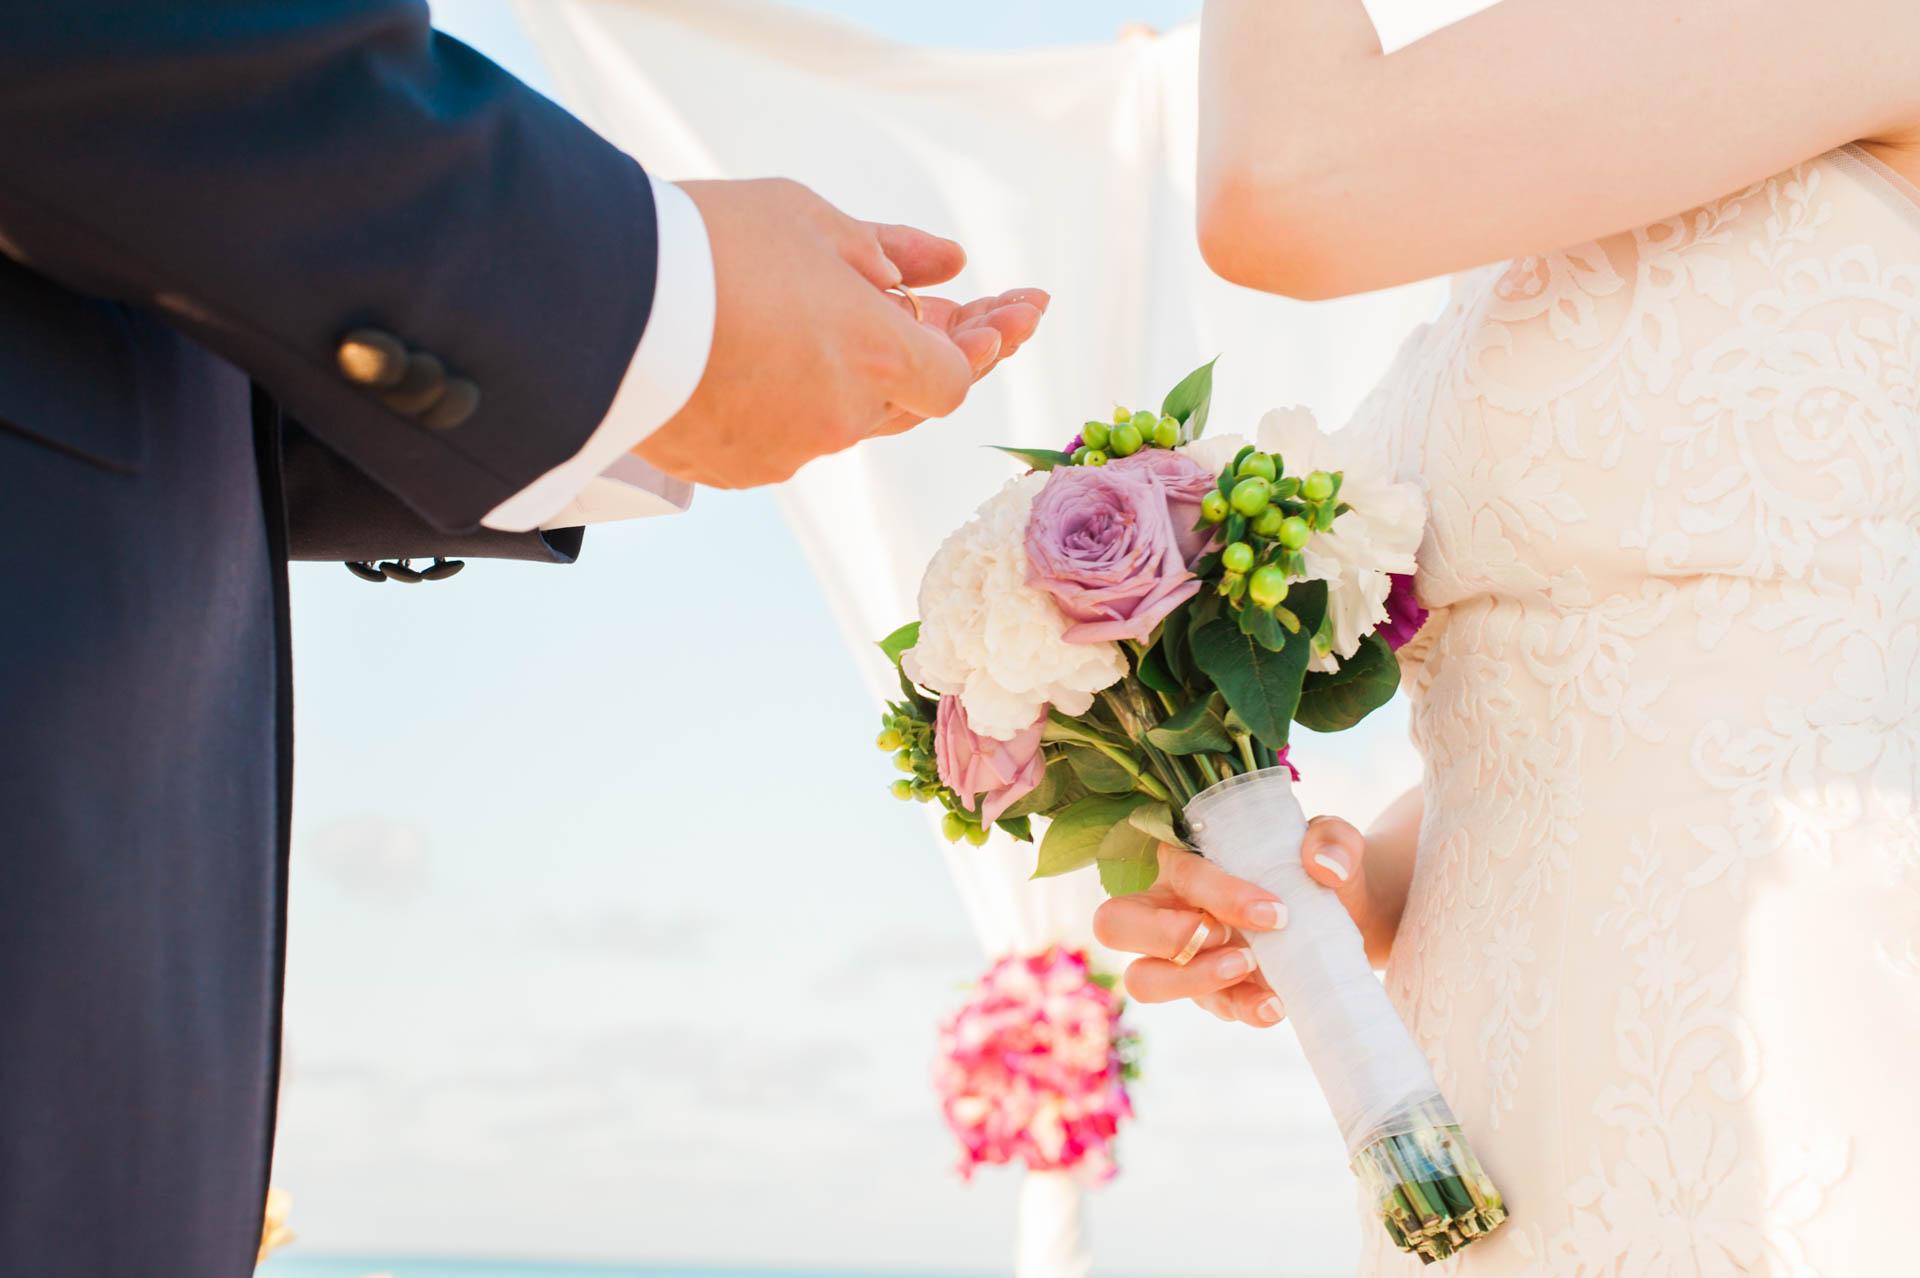 Kang Kim Sand Bank Wedding at St Regis Vommuly Maldives 3